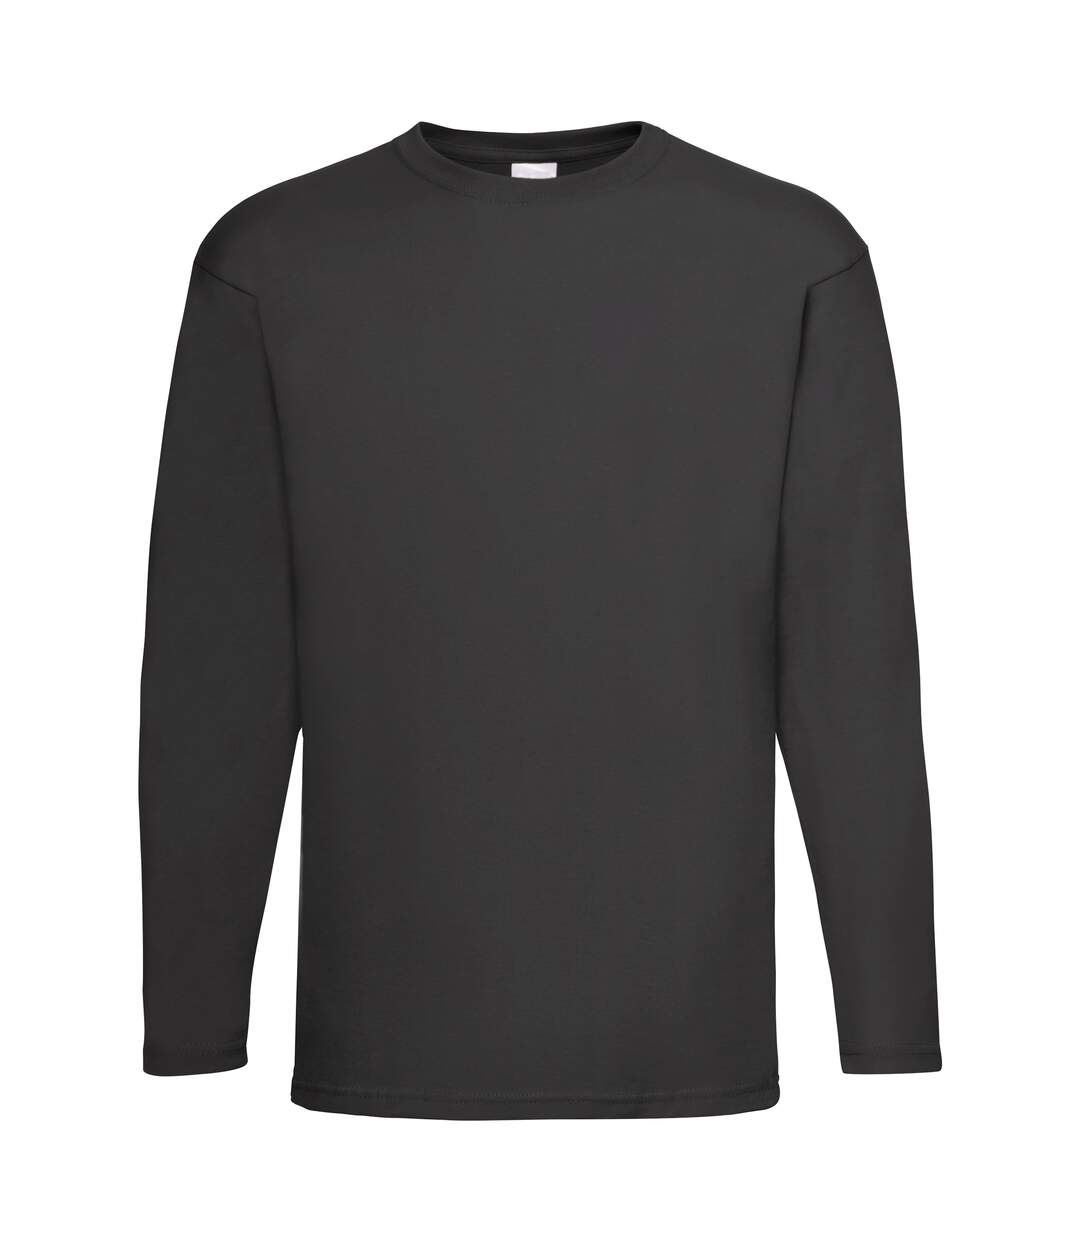 T-shirt à manches longues - Homme (Noir) - UTBC3902